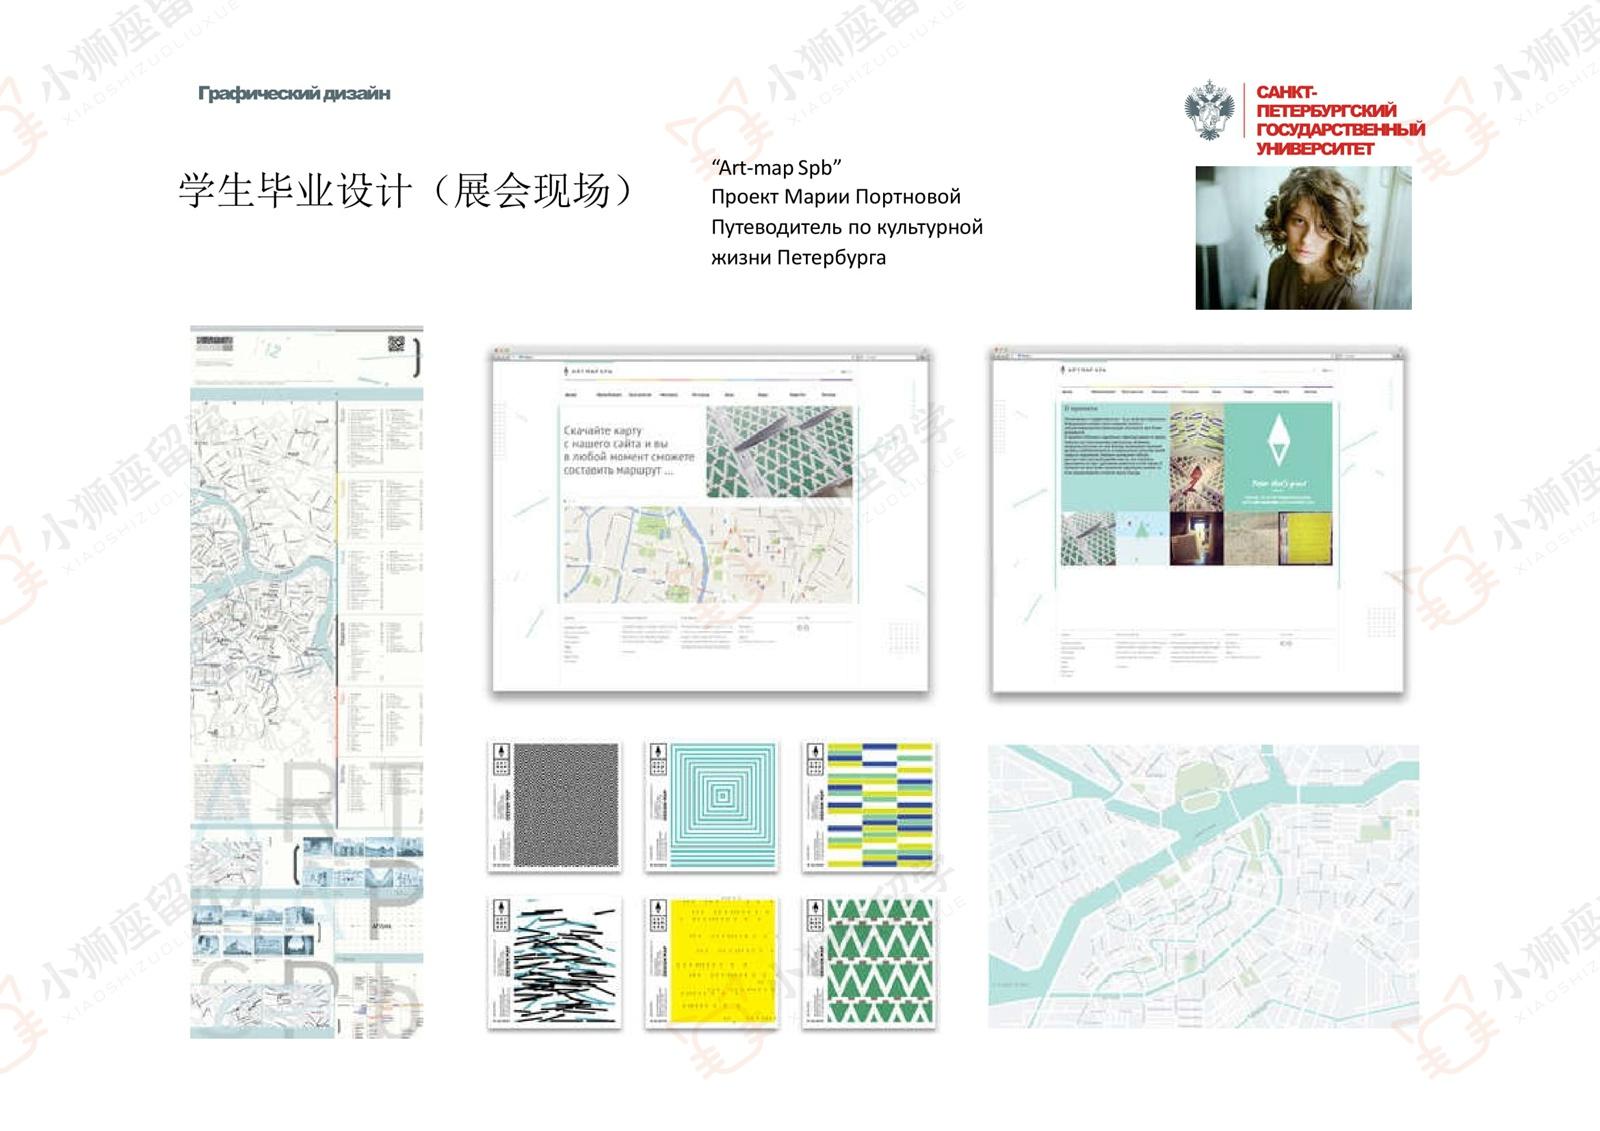 圣彼得堡国立大学《平面设计》硕士研究生方向介绍!插图32-小狮座俄罗斯留学